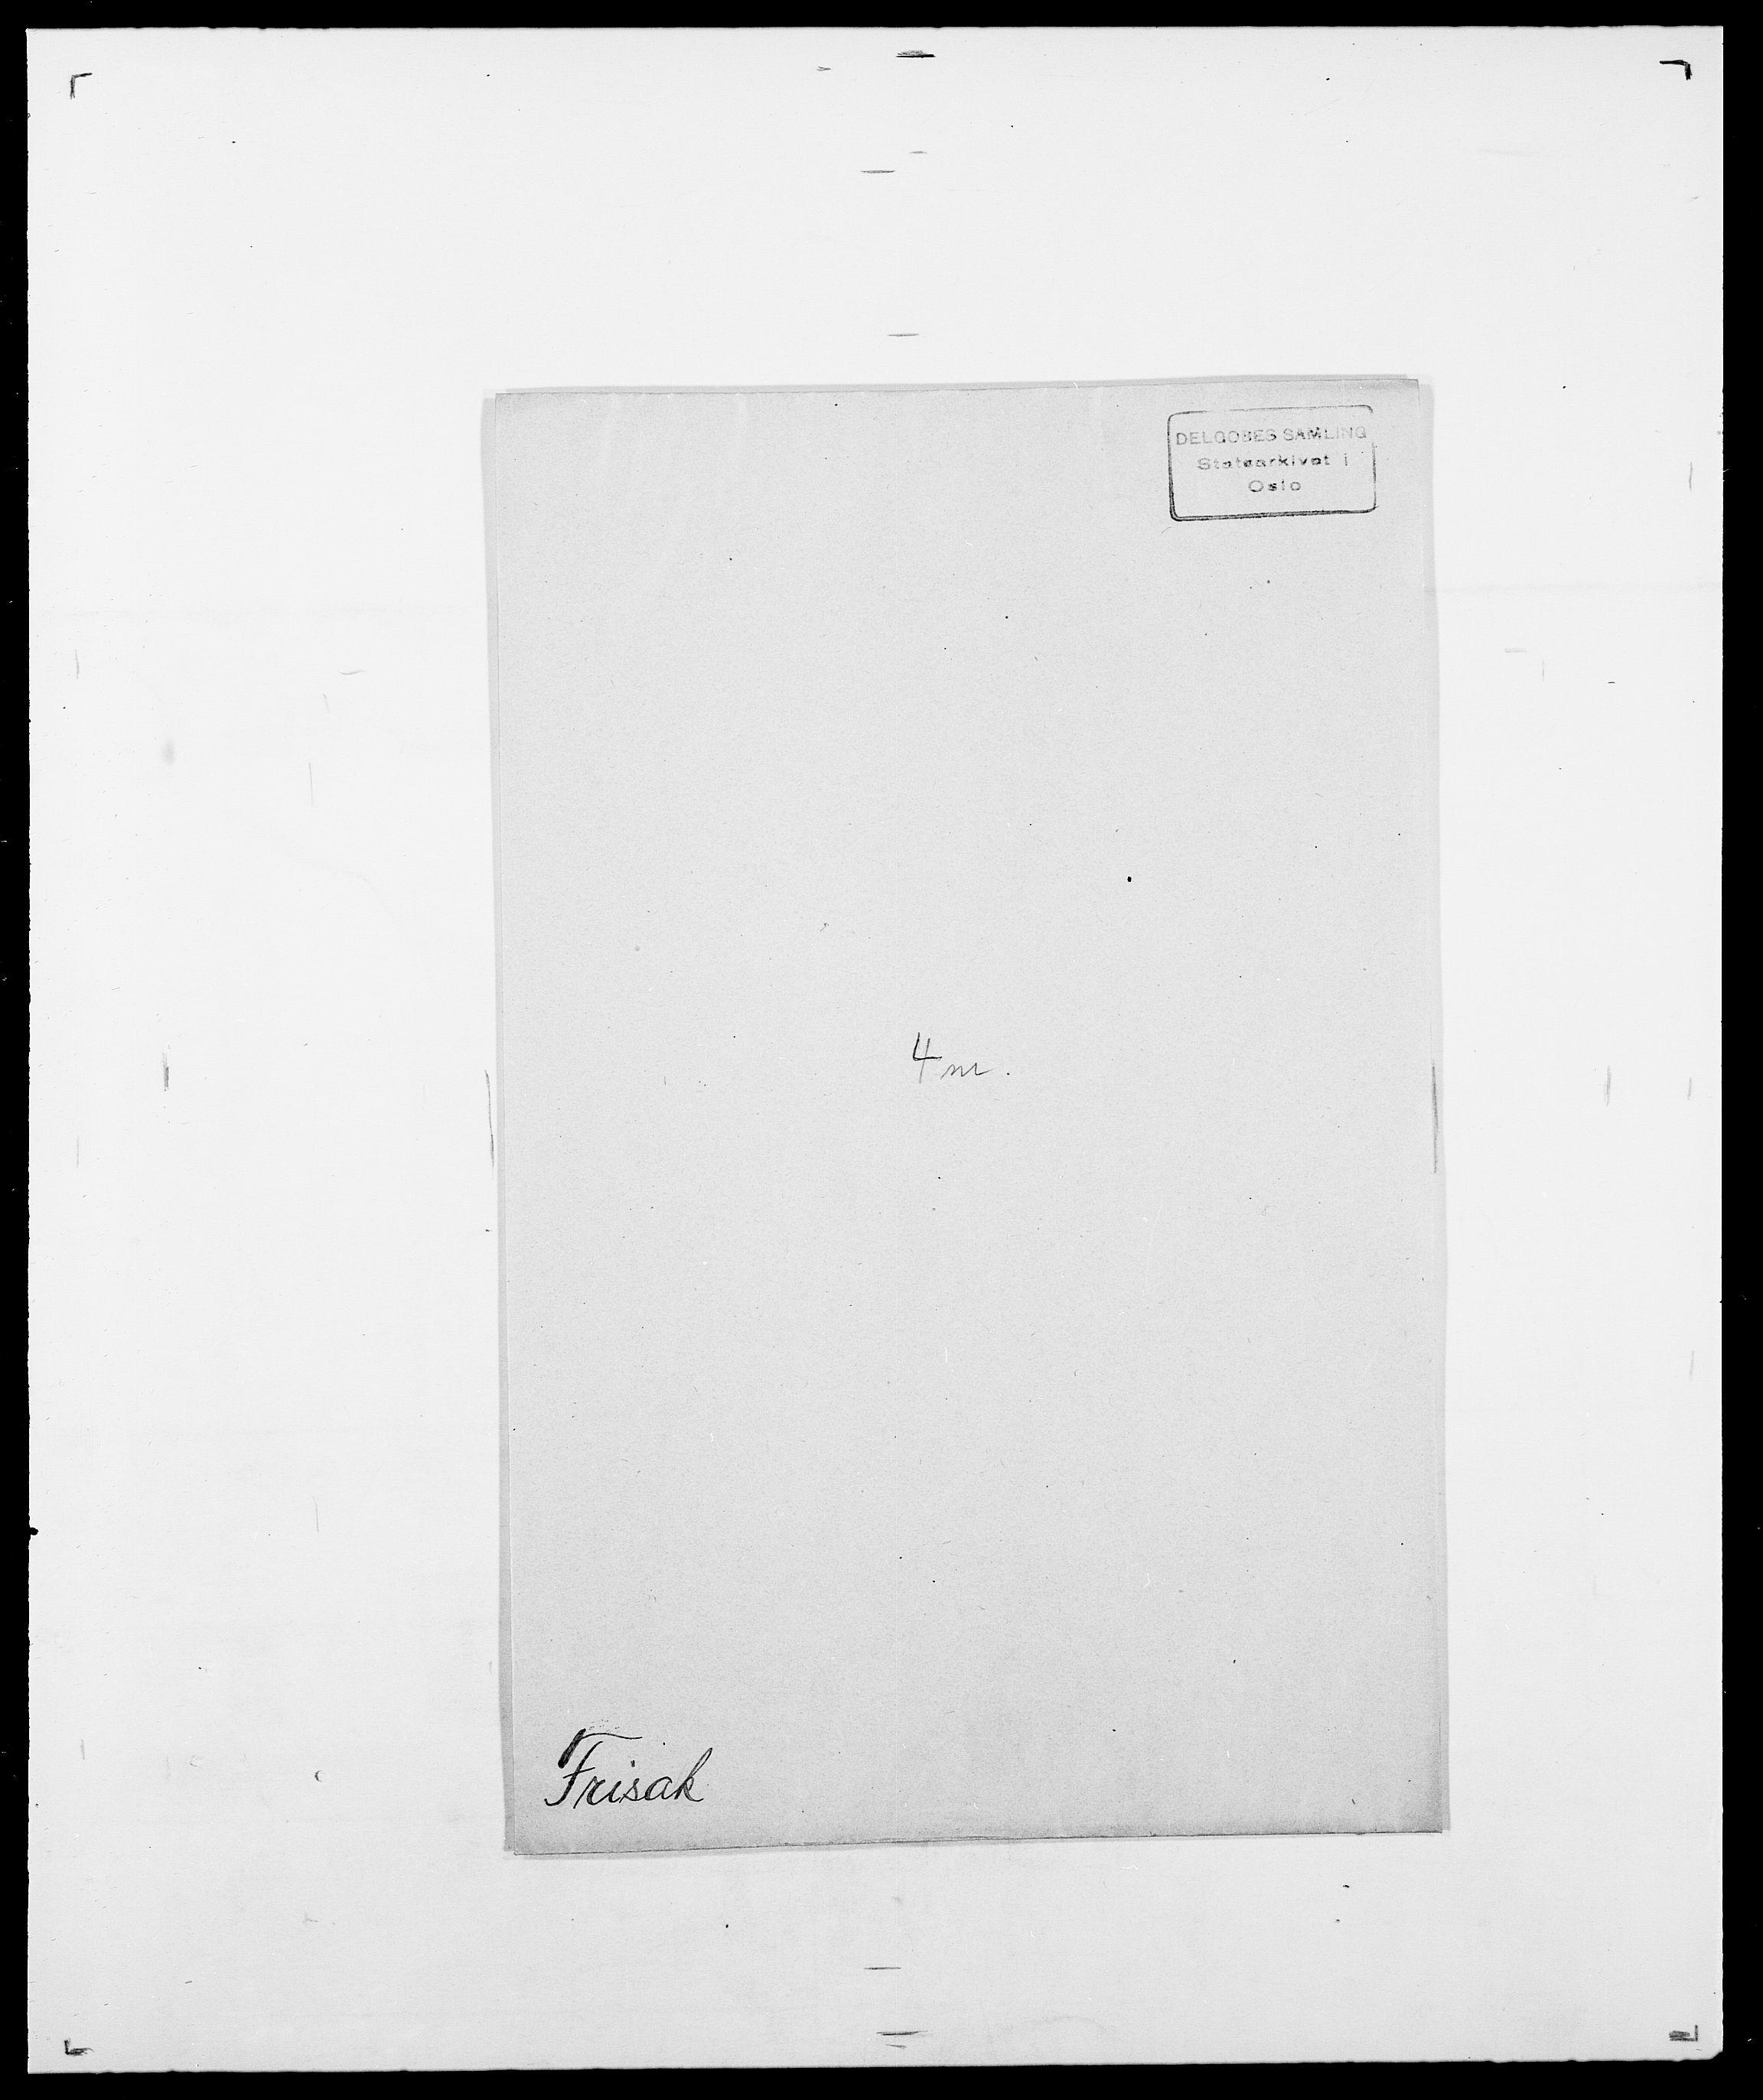 SAO, Delgobe, Charles Antoine - samling, D/Da/L0012: Flor, Floer, Flohr - Fritzner, s. 1022